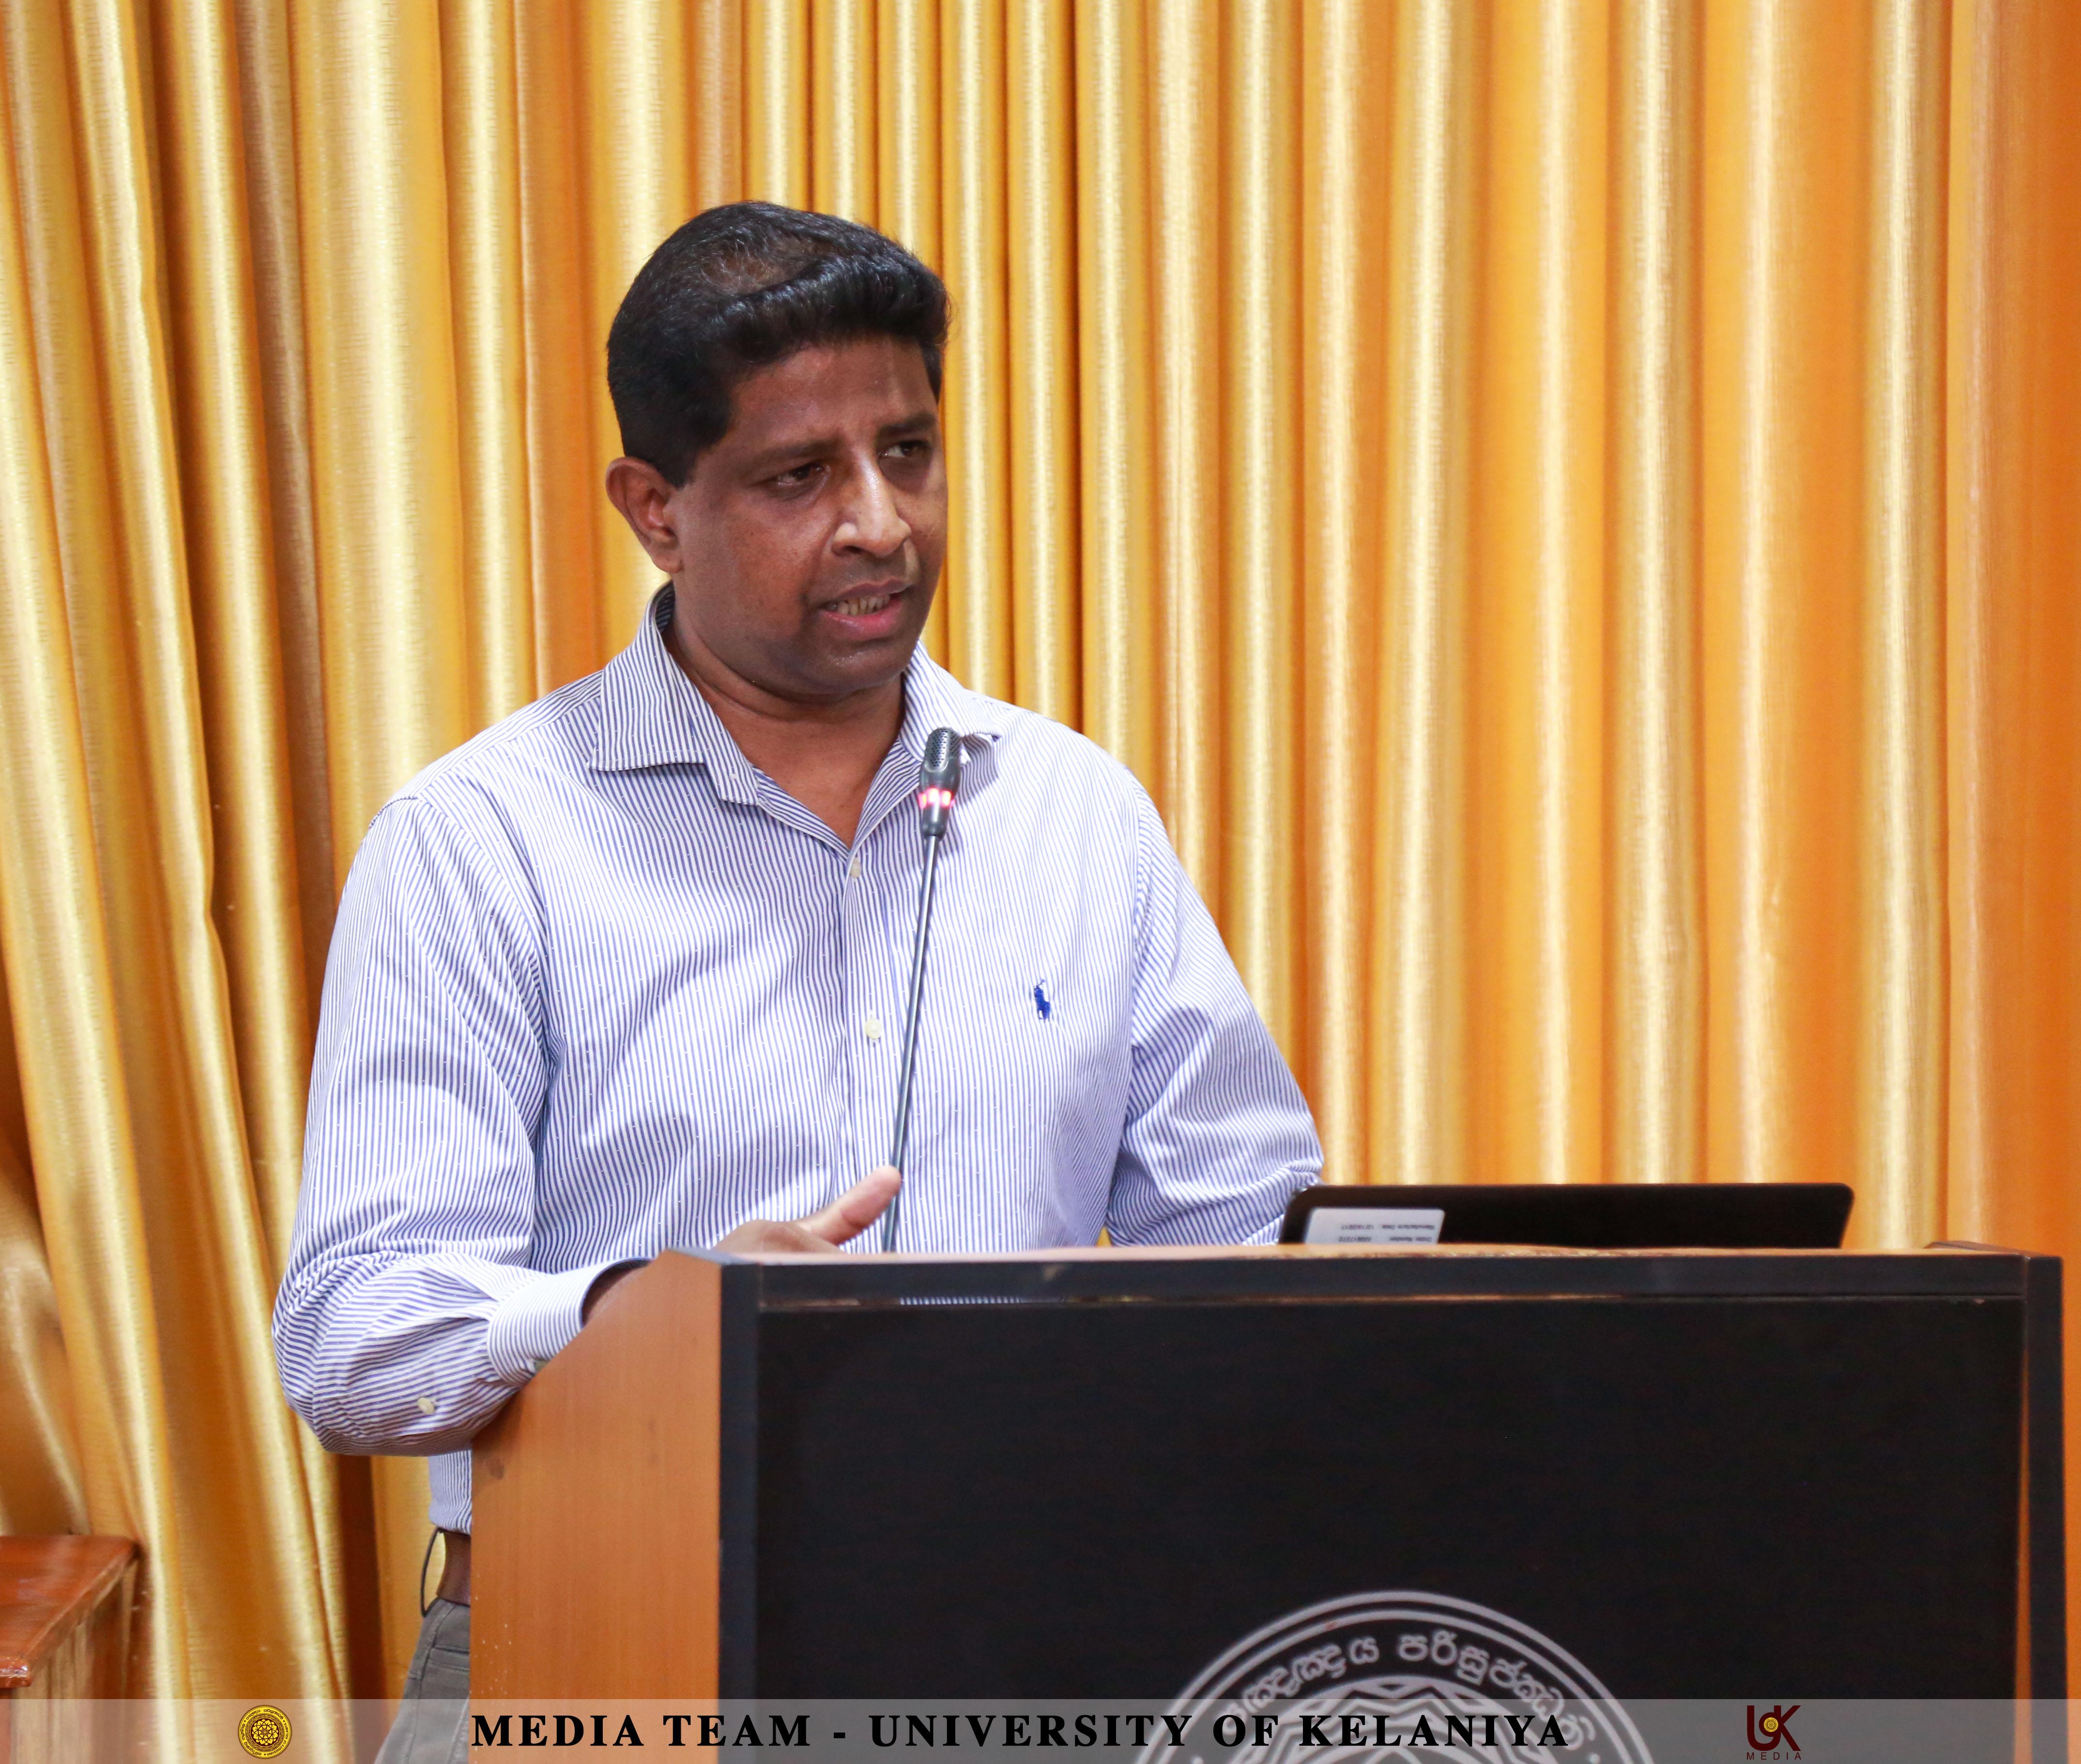 Workshop on Innovative Brand Management